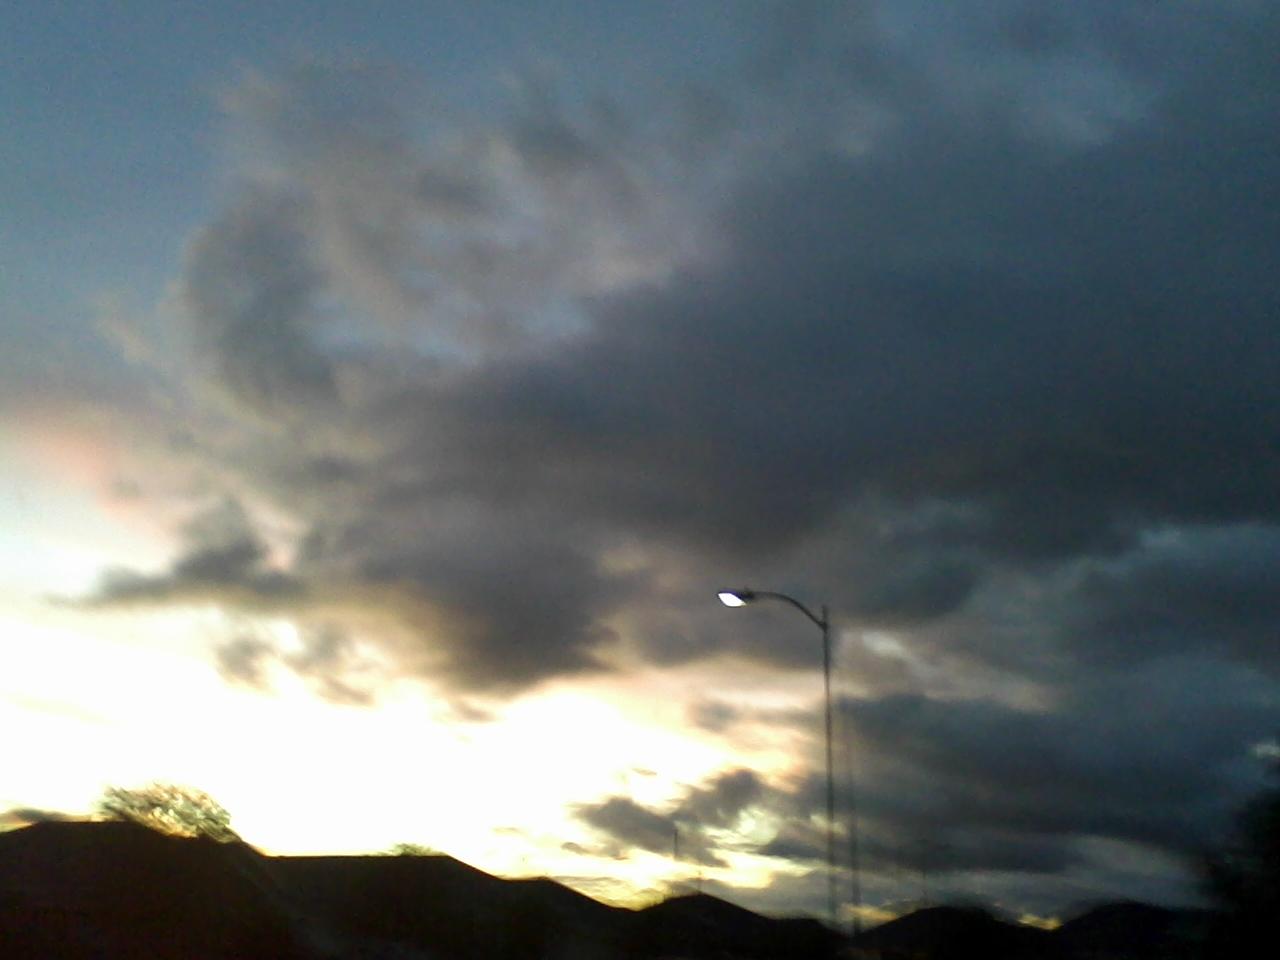 Sky - 0825200619.jpg